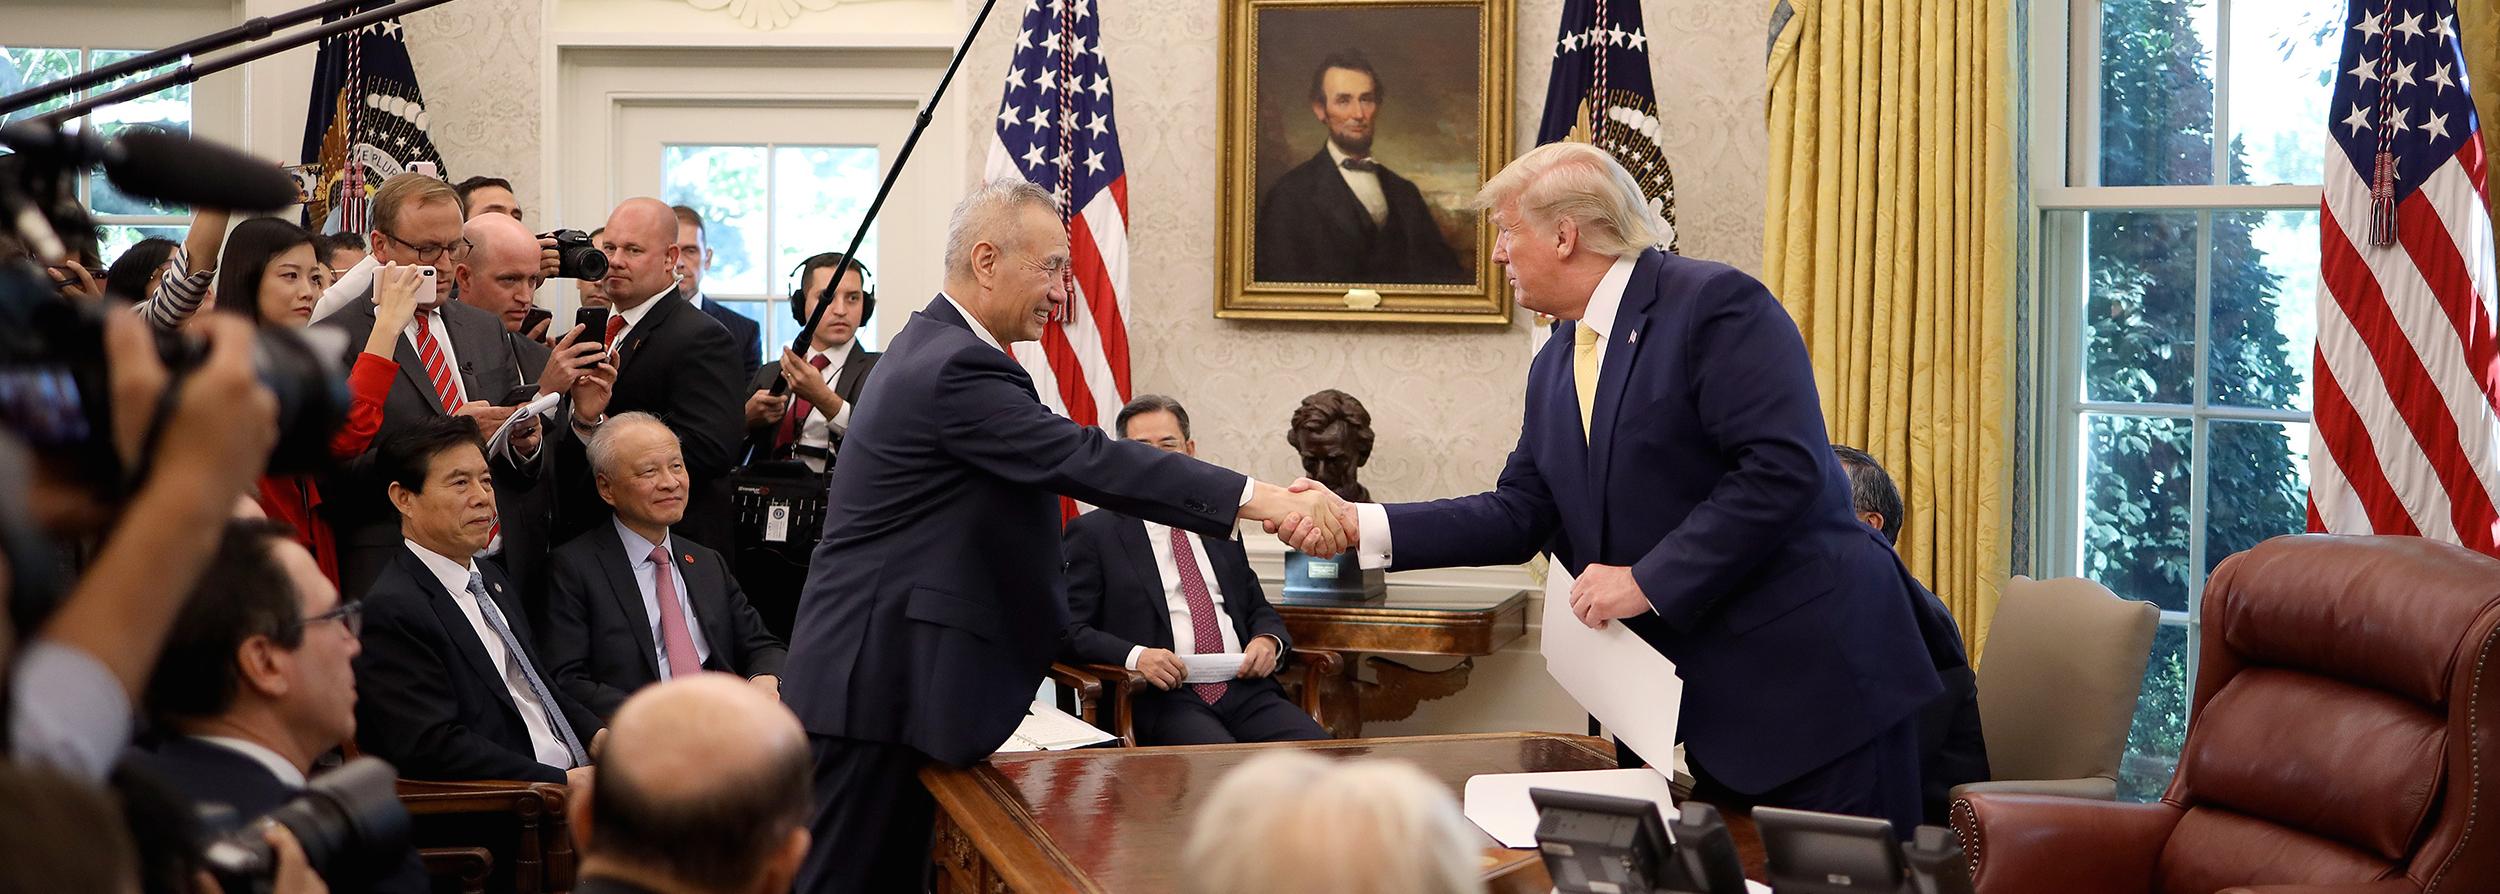 Le président américain Donald Trump serre la main du vice-premier ministre chinois Liu He dans le bureau oval de la Maison Blanche, le 11 octobre 2019 à Washington. (Source : NBCNEWS)